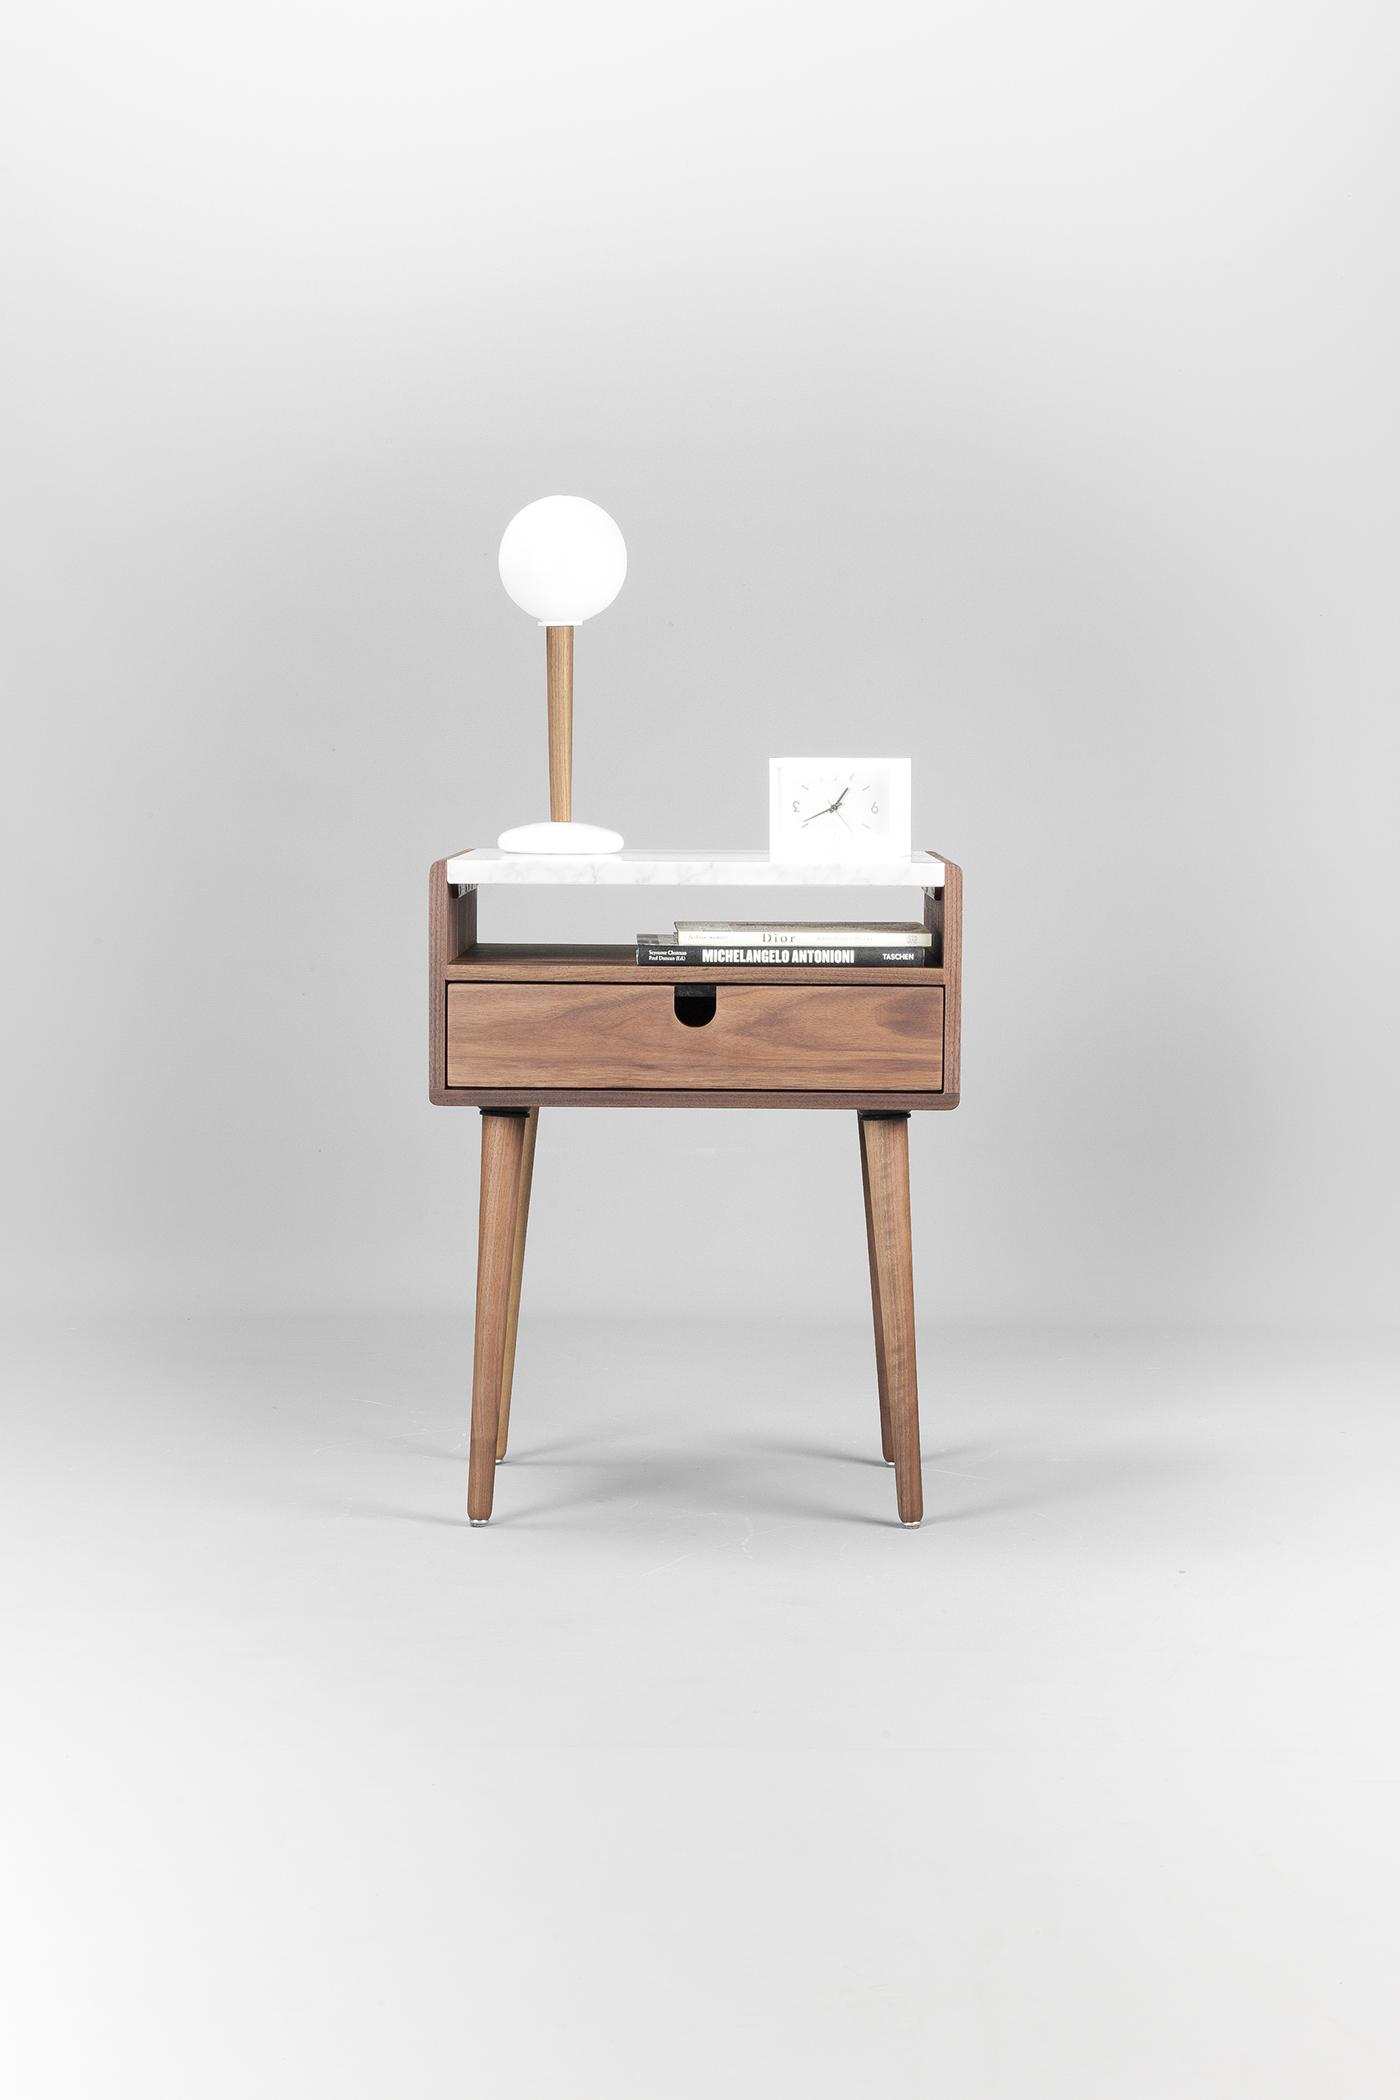 有創意感的21款床頭櫃設計欣賞